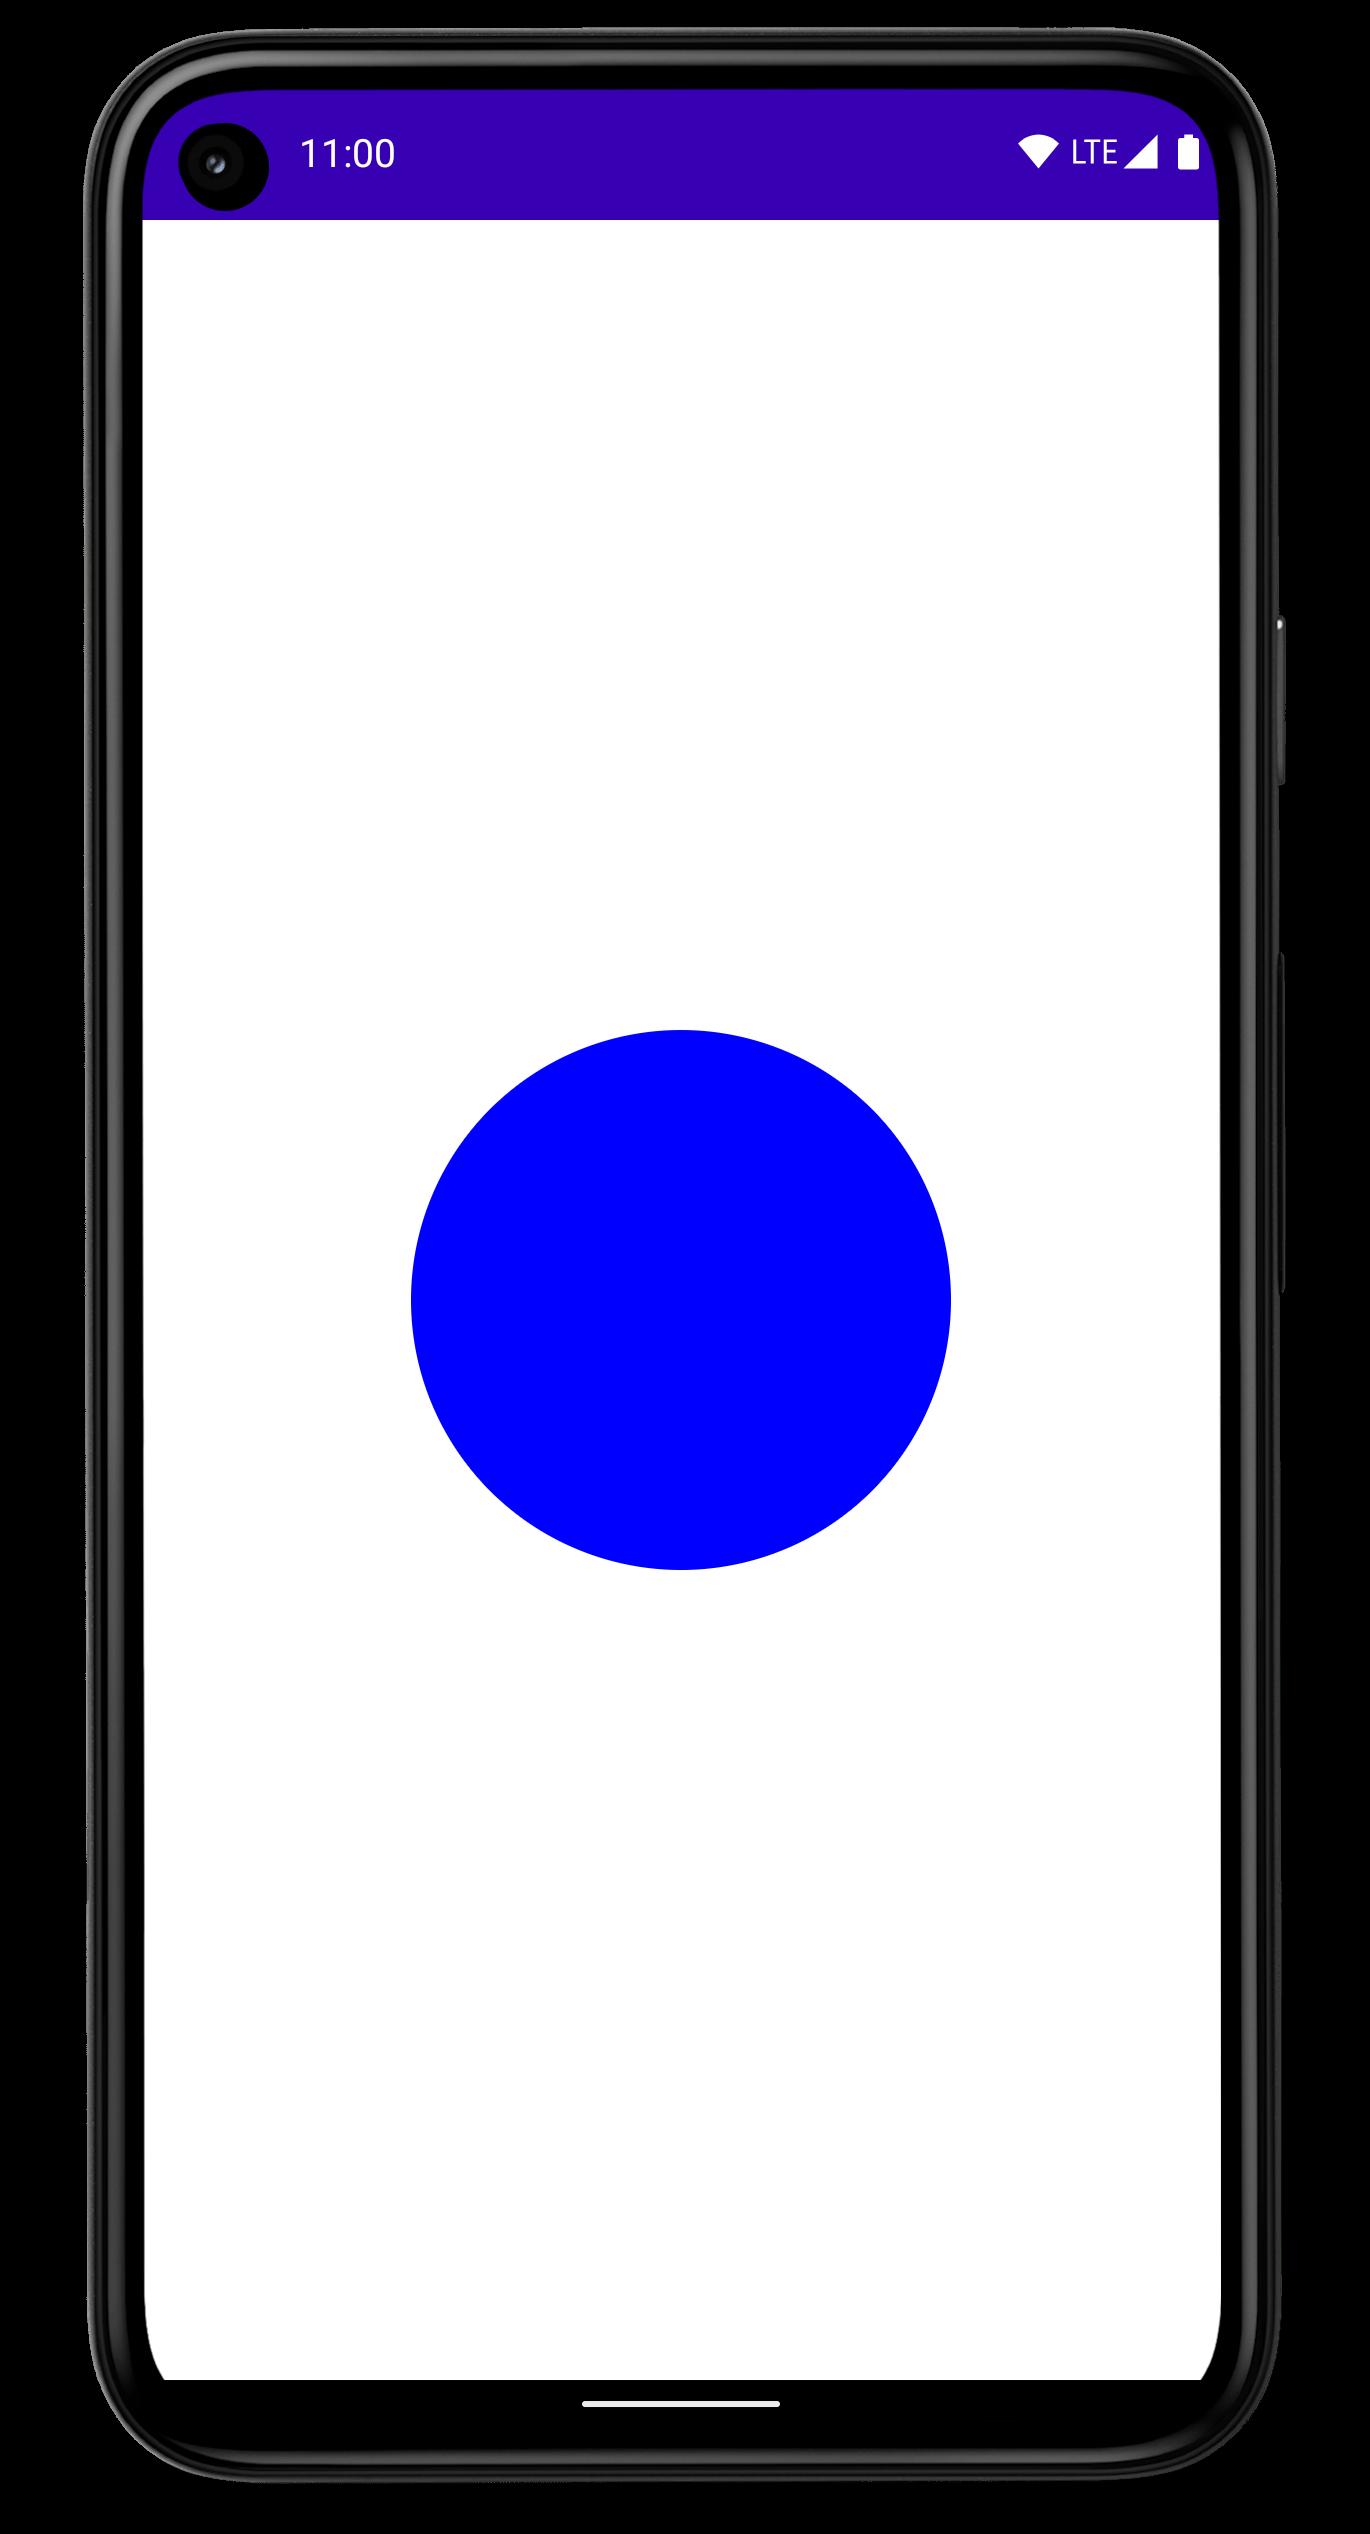 화면 중앙에 파란색 원이 있는 휴대전화